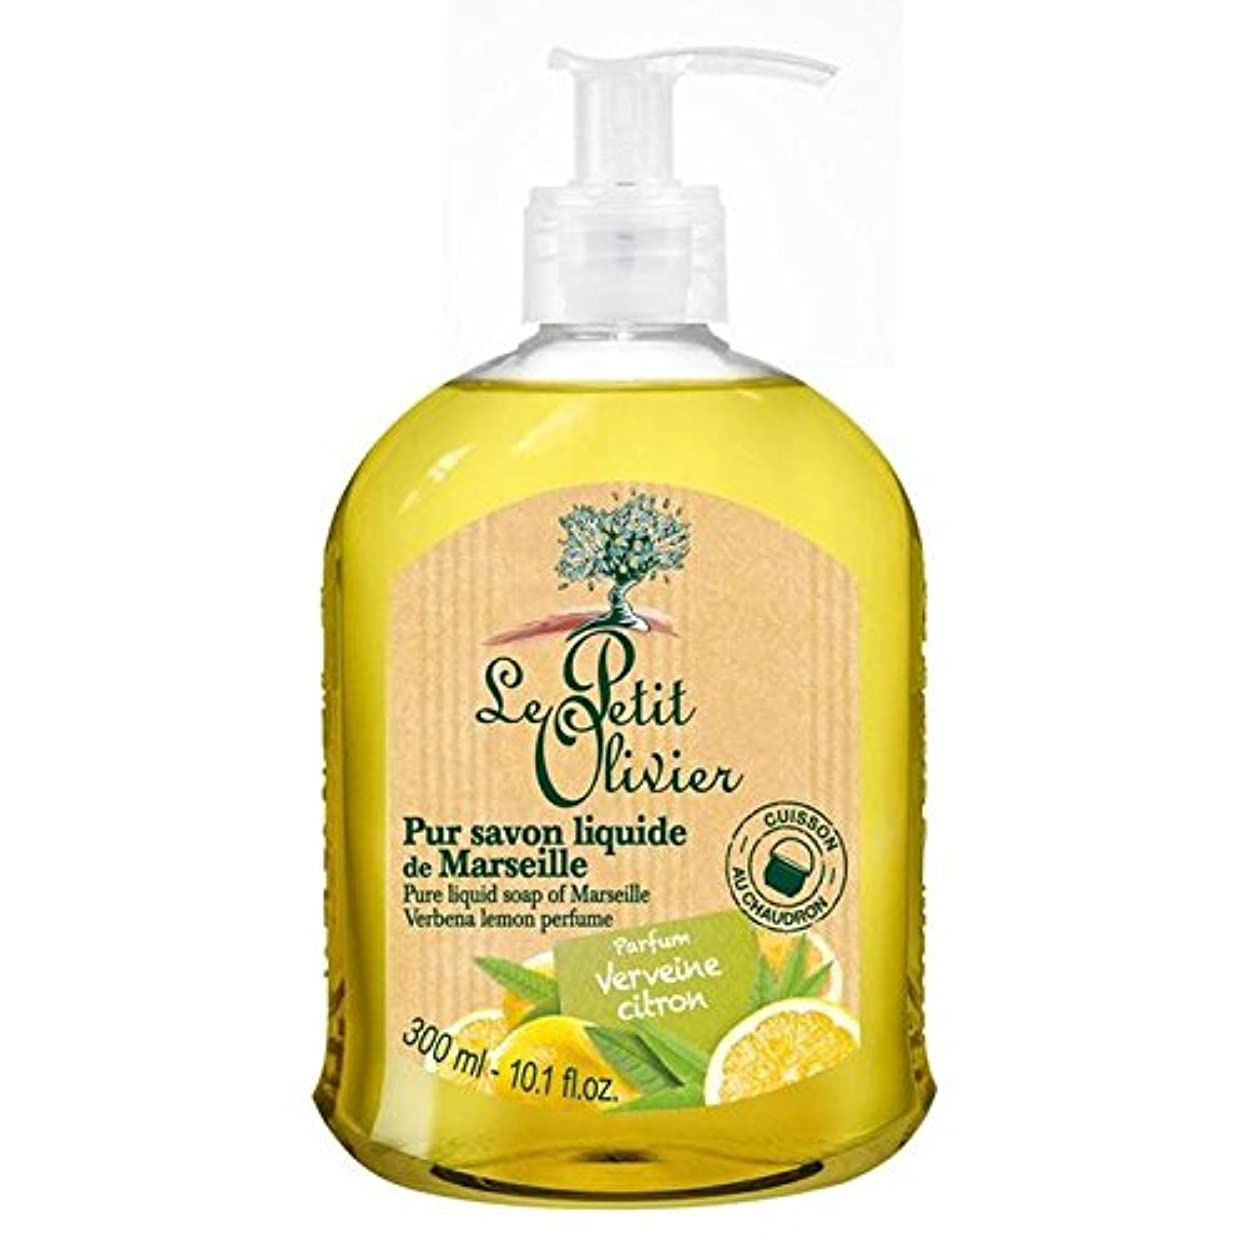 火優遇コインランドリーLe Petit Olivier Pure Liquid Soap of Marseille, Verbena Lemon 300ml - マルセイユのル?プティ?オリヴィエ純粋な液体石鹸、バーベナレモン300ミリリットル [並行輸入品]